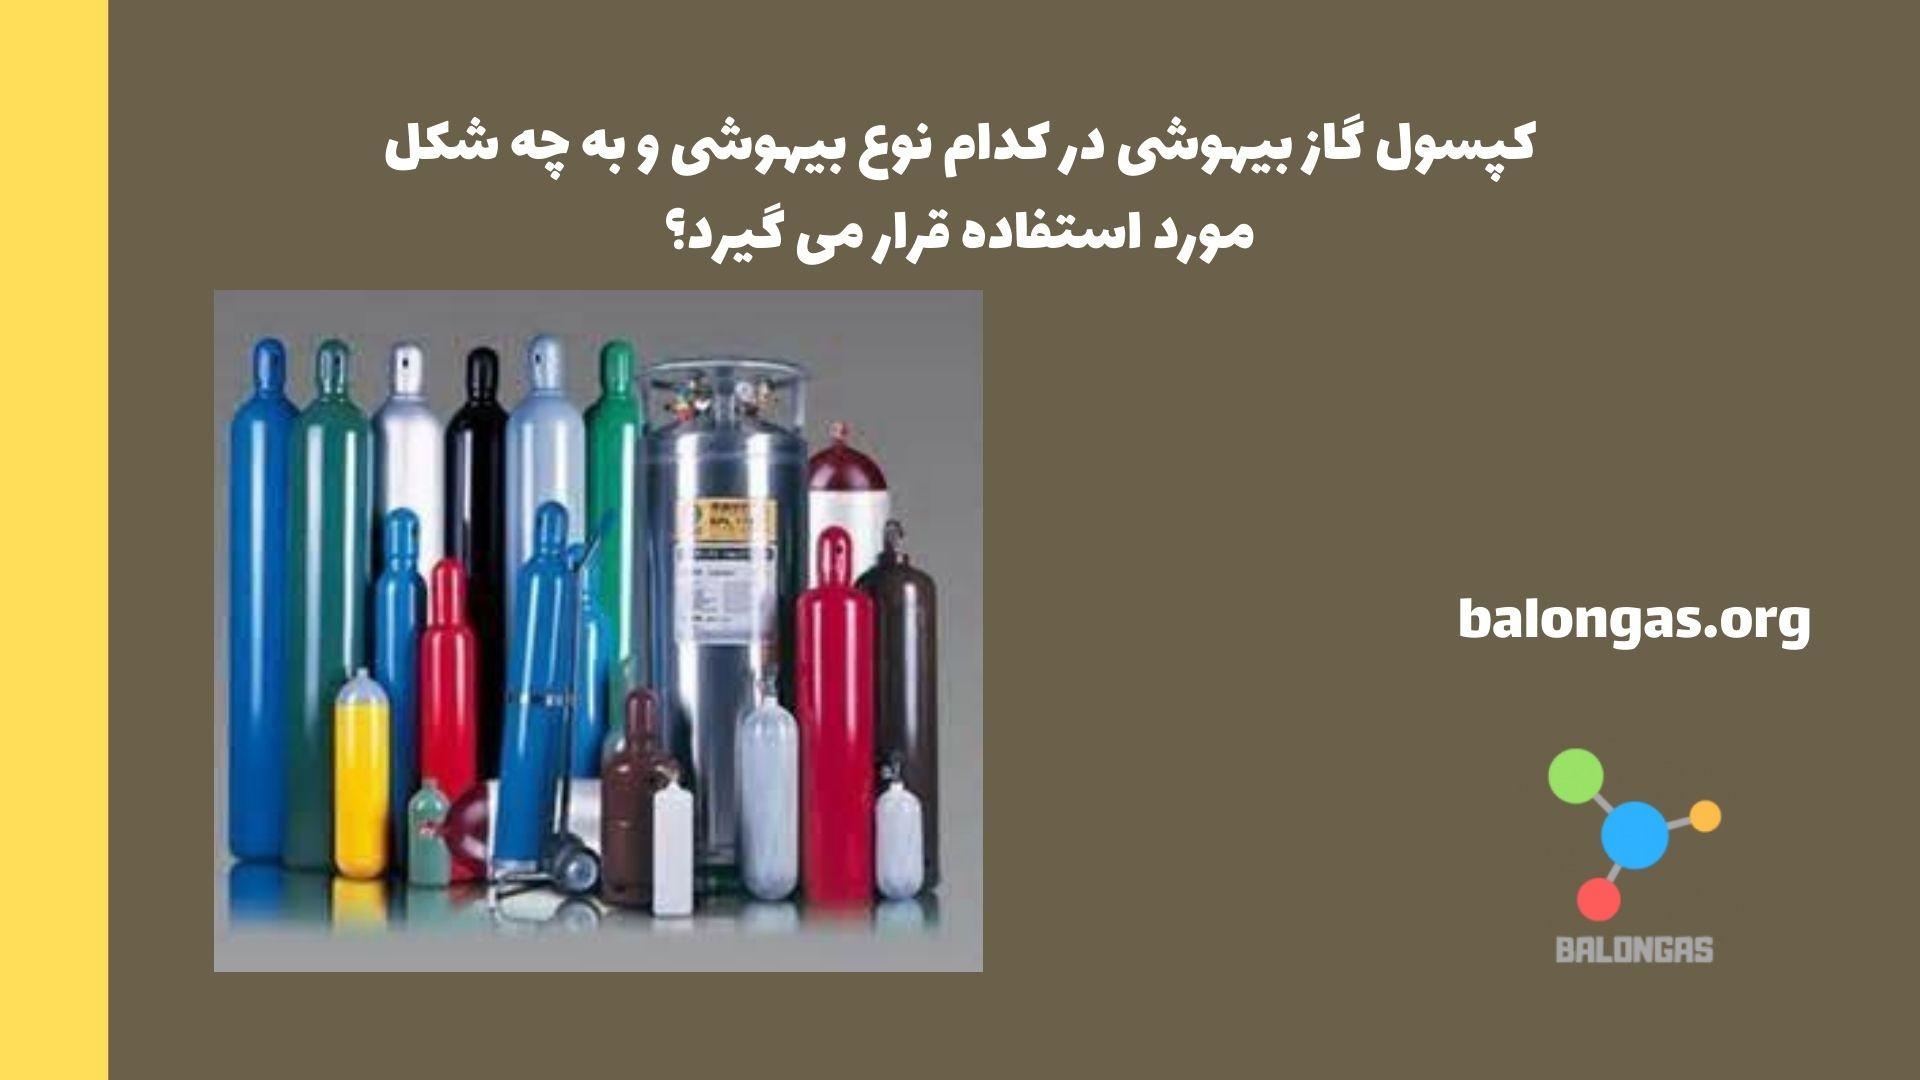 کپسول گاز بیهوشی در کدام نوع بیهوشی و به چه شکل مورد استفاده قرار می گیرد؟